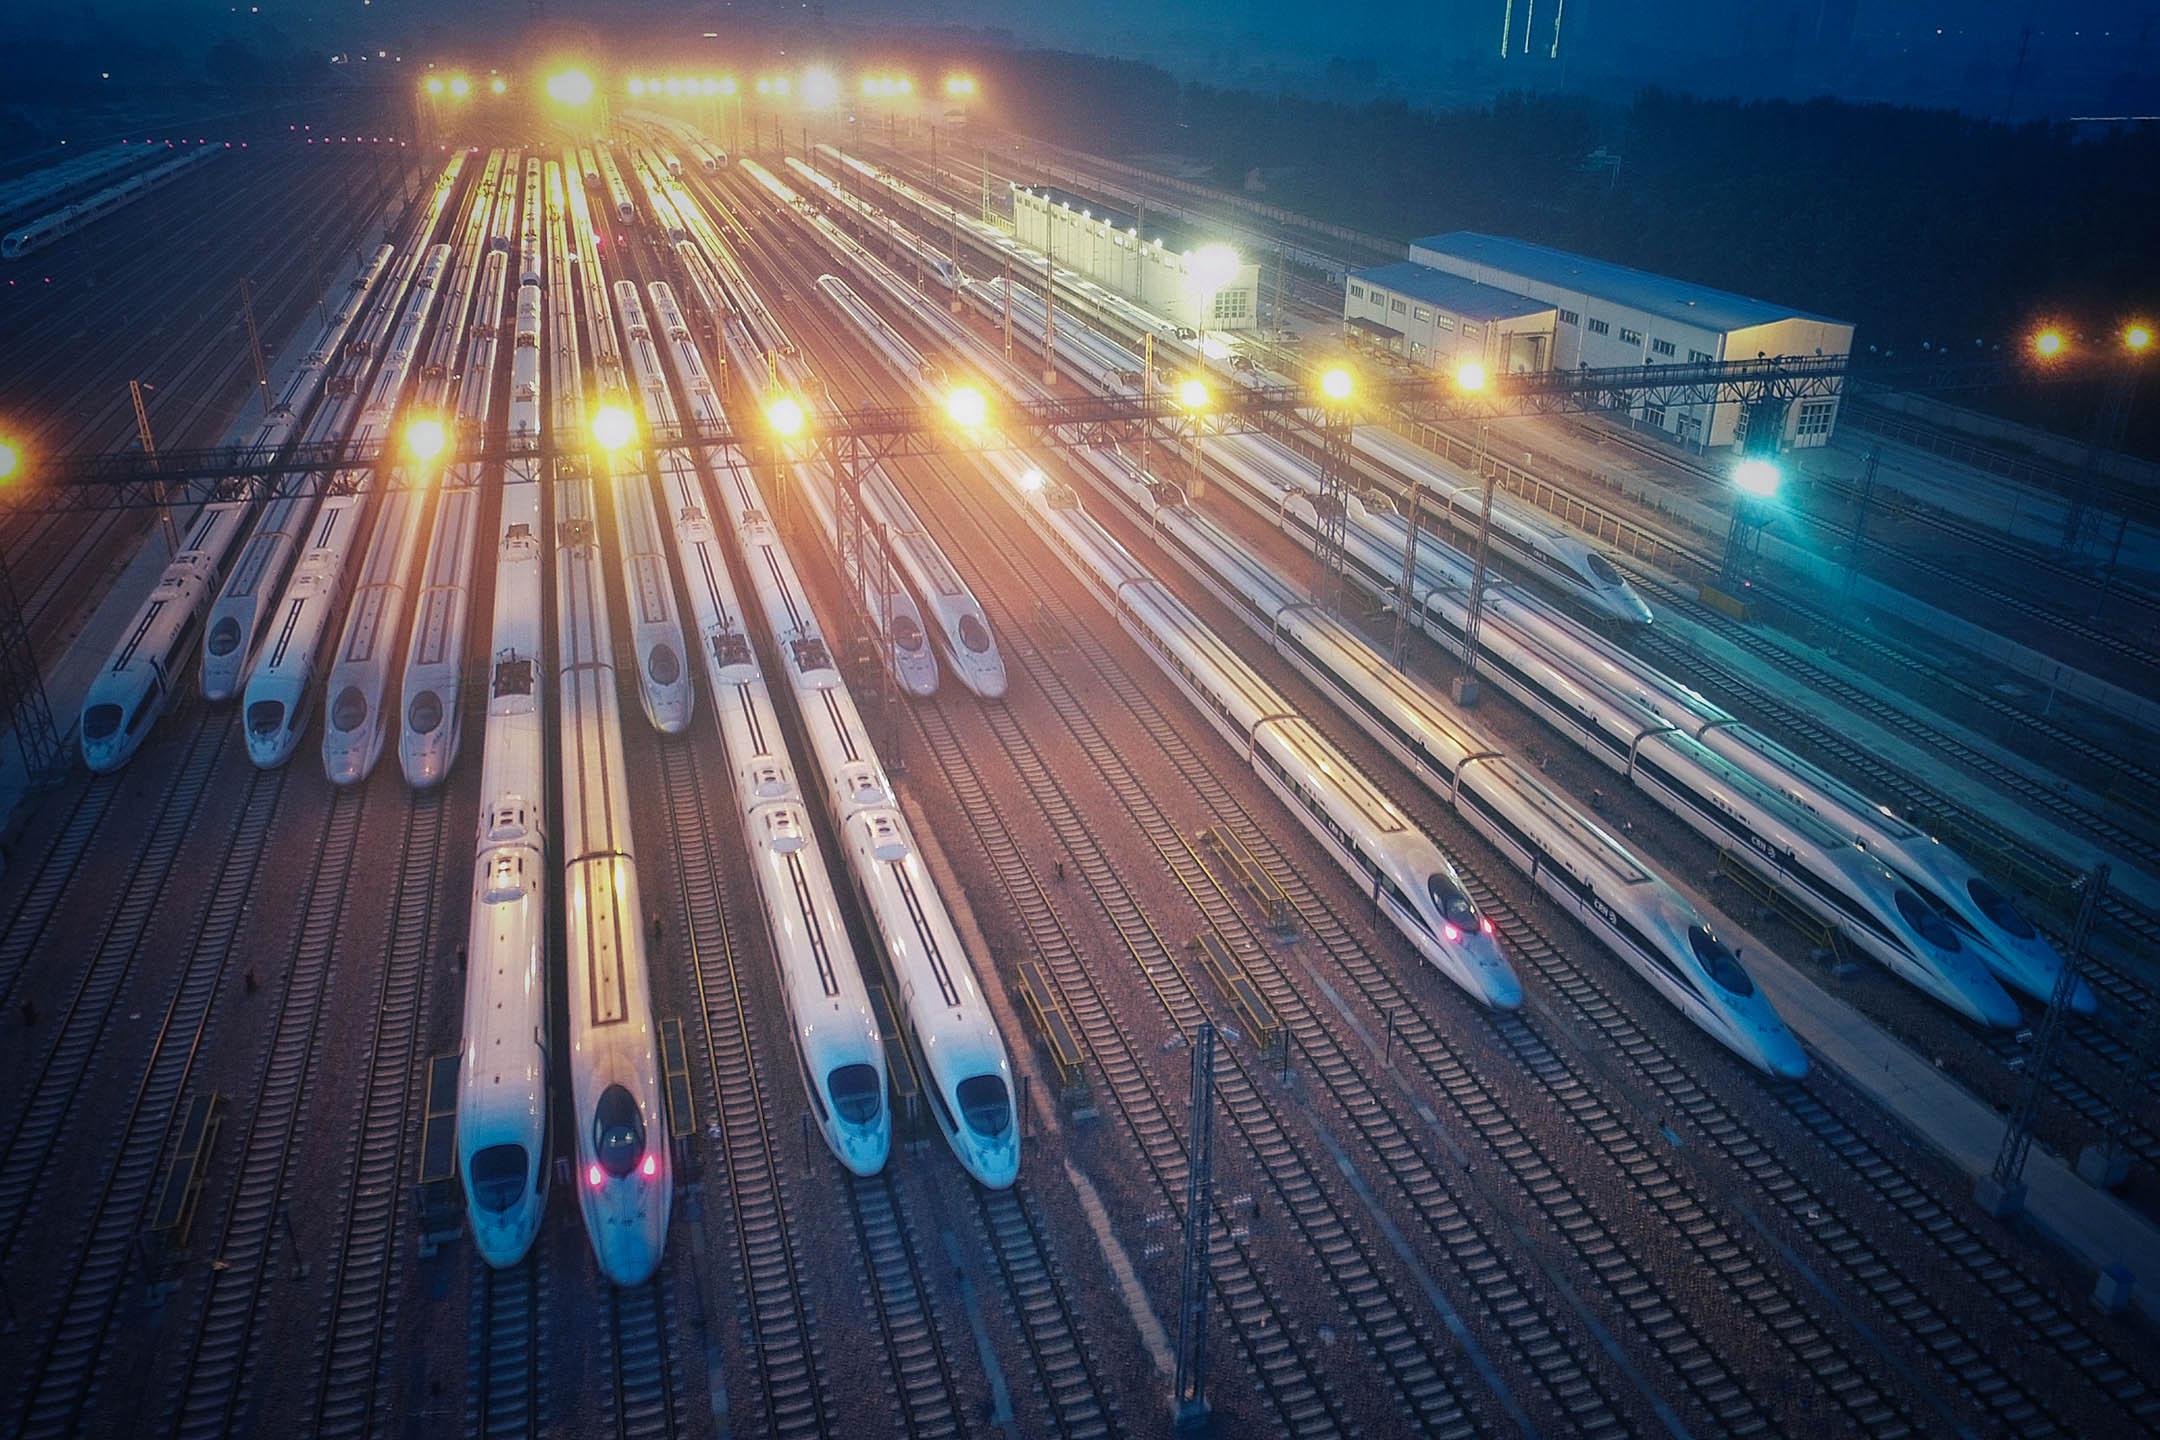 2016年6月20日,中國河南高鐵工廠。 圖:VCG via Getty Images